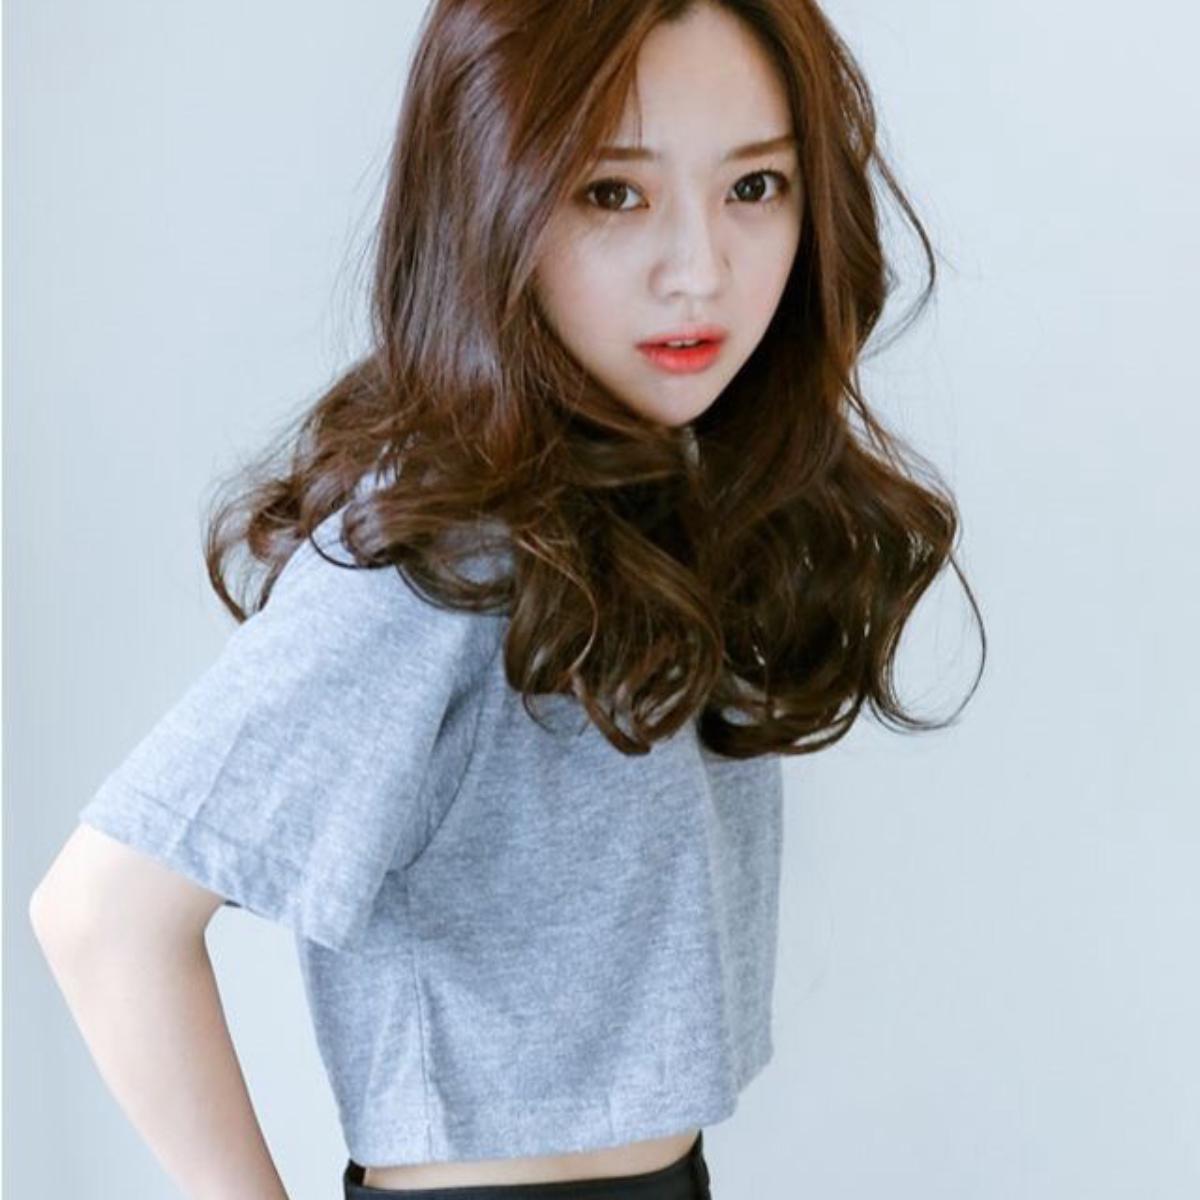 toc-dai-uon-xoan-nhe-1461660279-1701740-1483526814.jpg